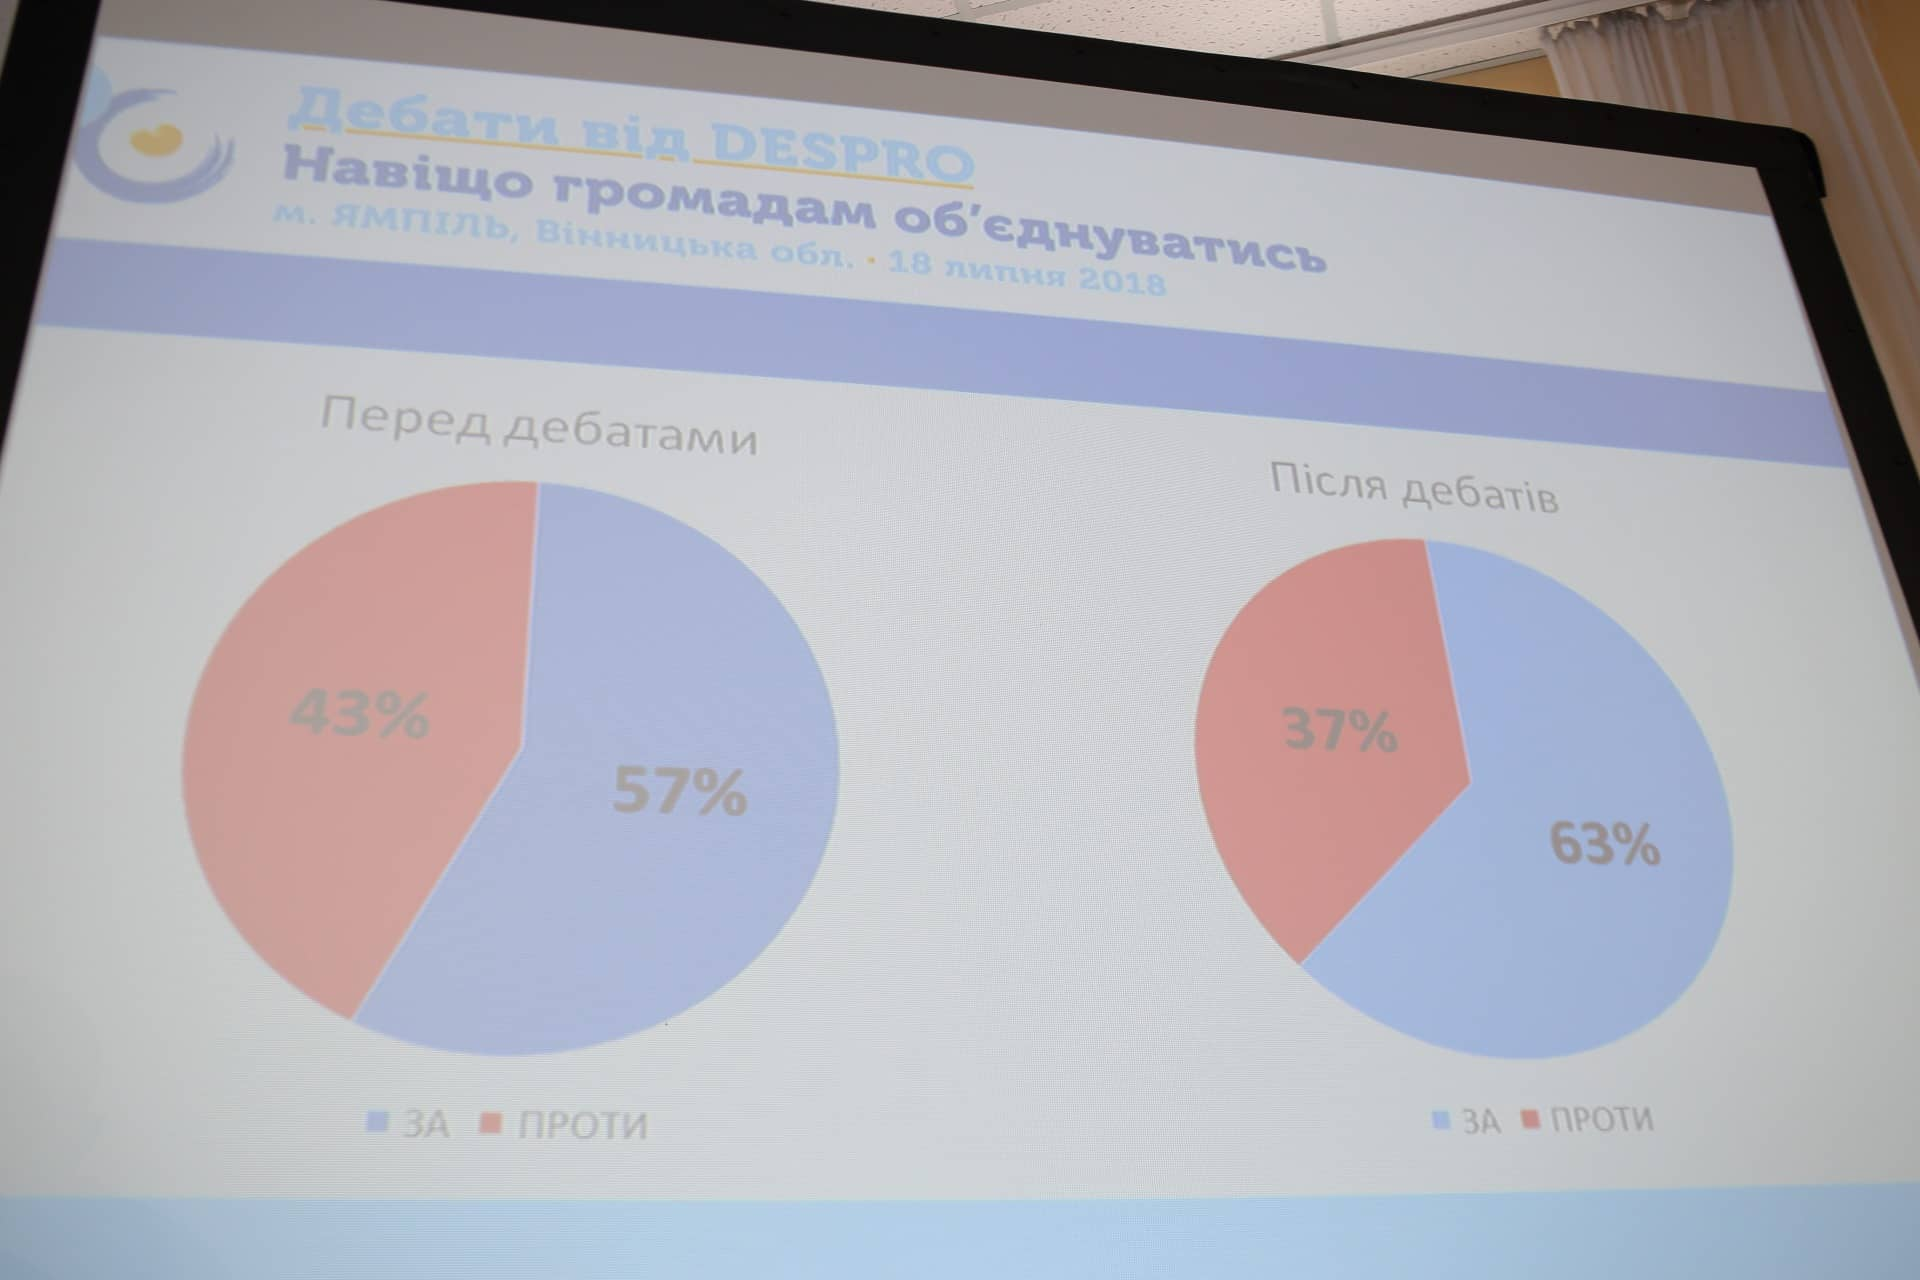 https://decentralization.gov.ua/uploads/ckeditor/pictures/1317/content_37293795_2015907855120757_5172679274942955520_n.jpg